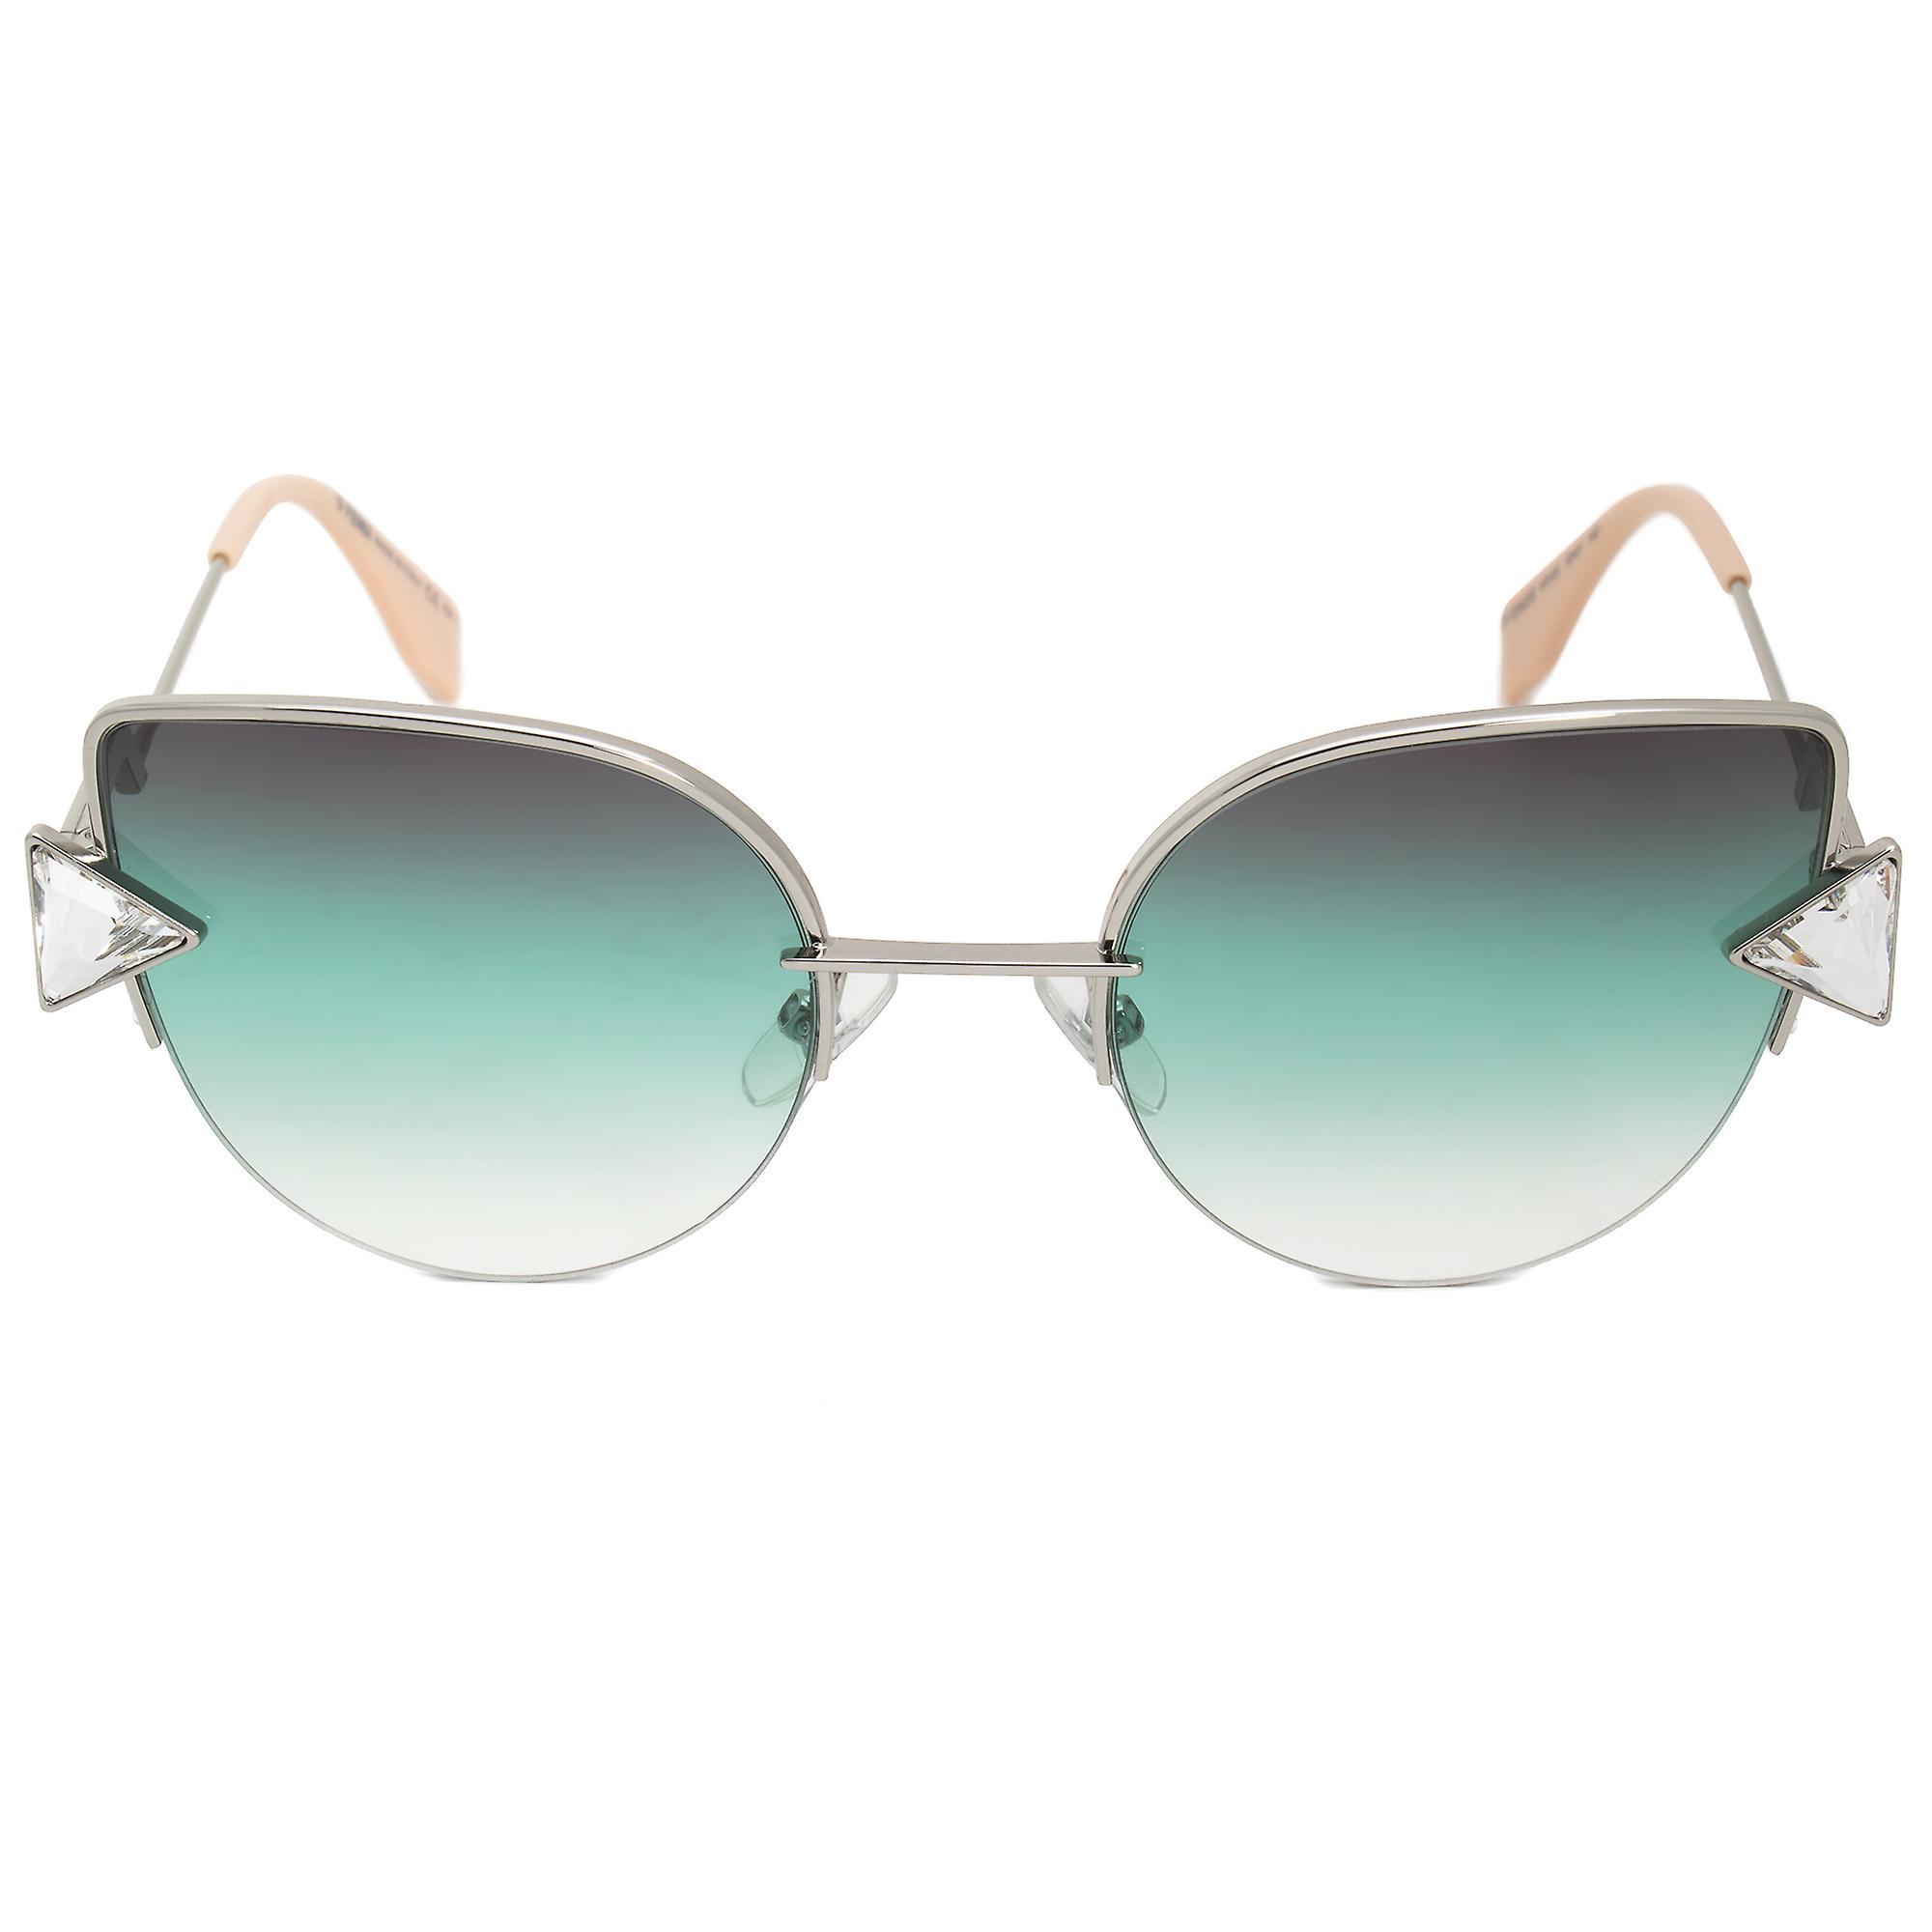 Fendi Rainbow Cat Eye Sunglasses FF0242S VGV QC 52